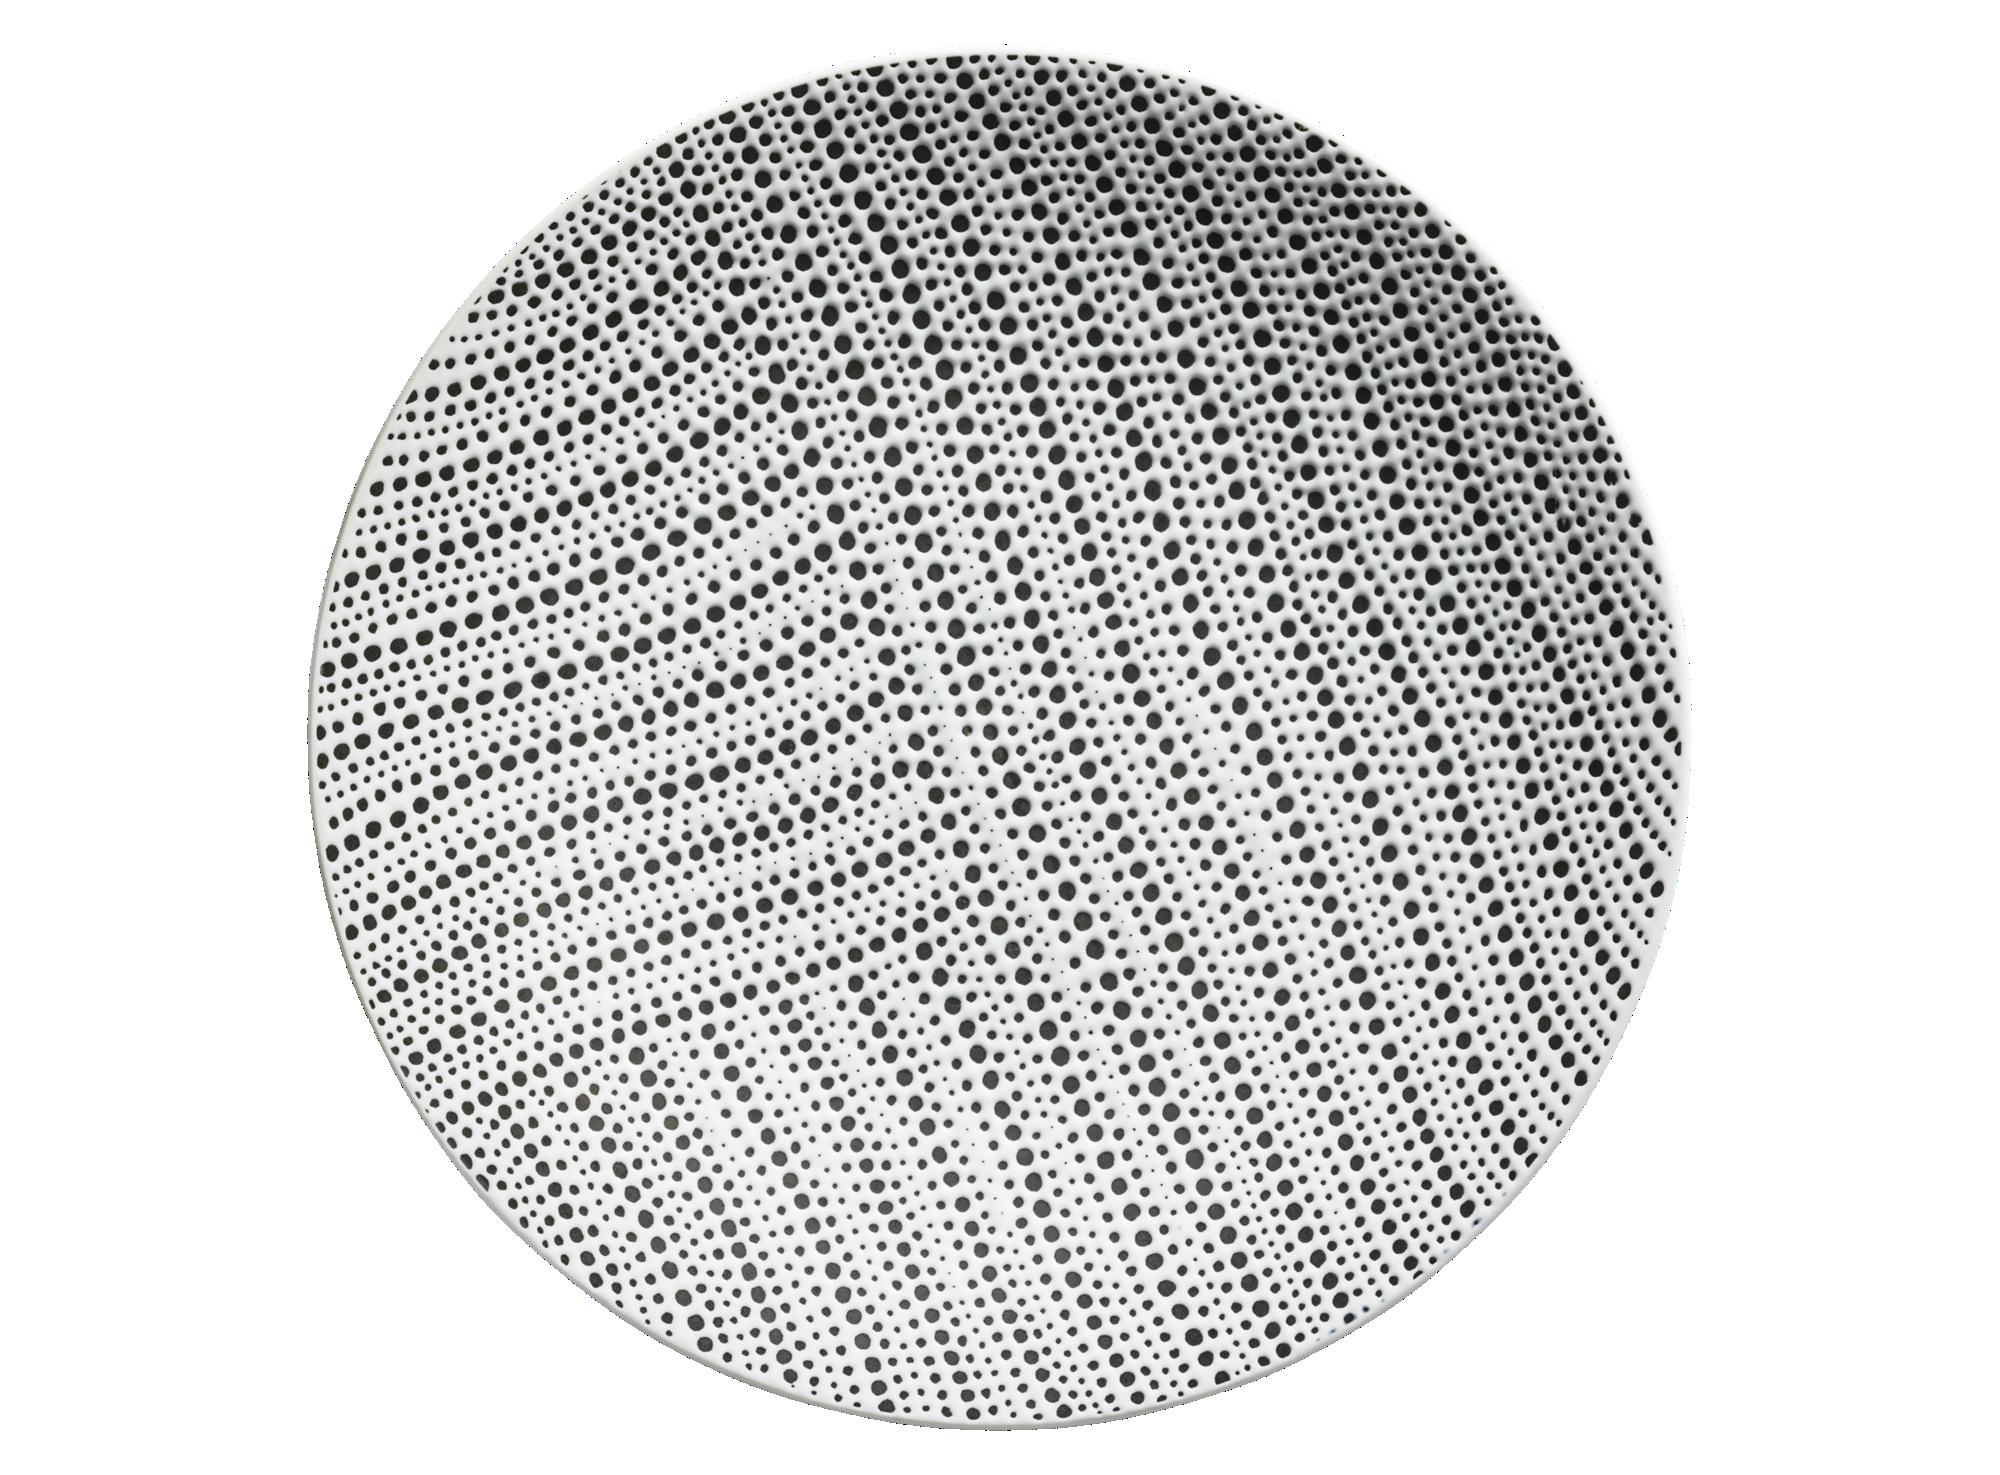 Assiette plate d27cm en gres - coloris blanc/noir -resiste au lave va ...